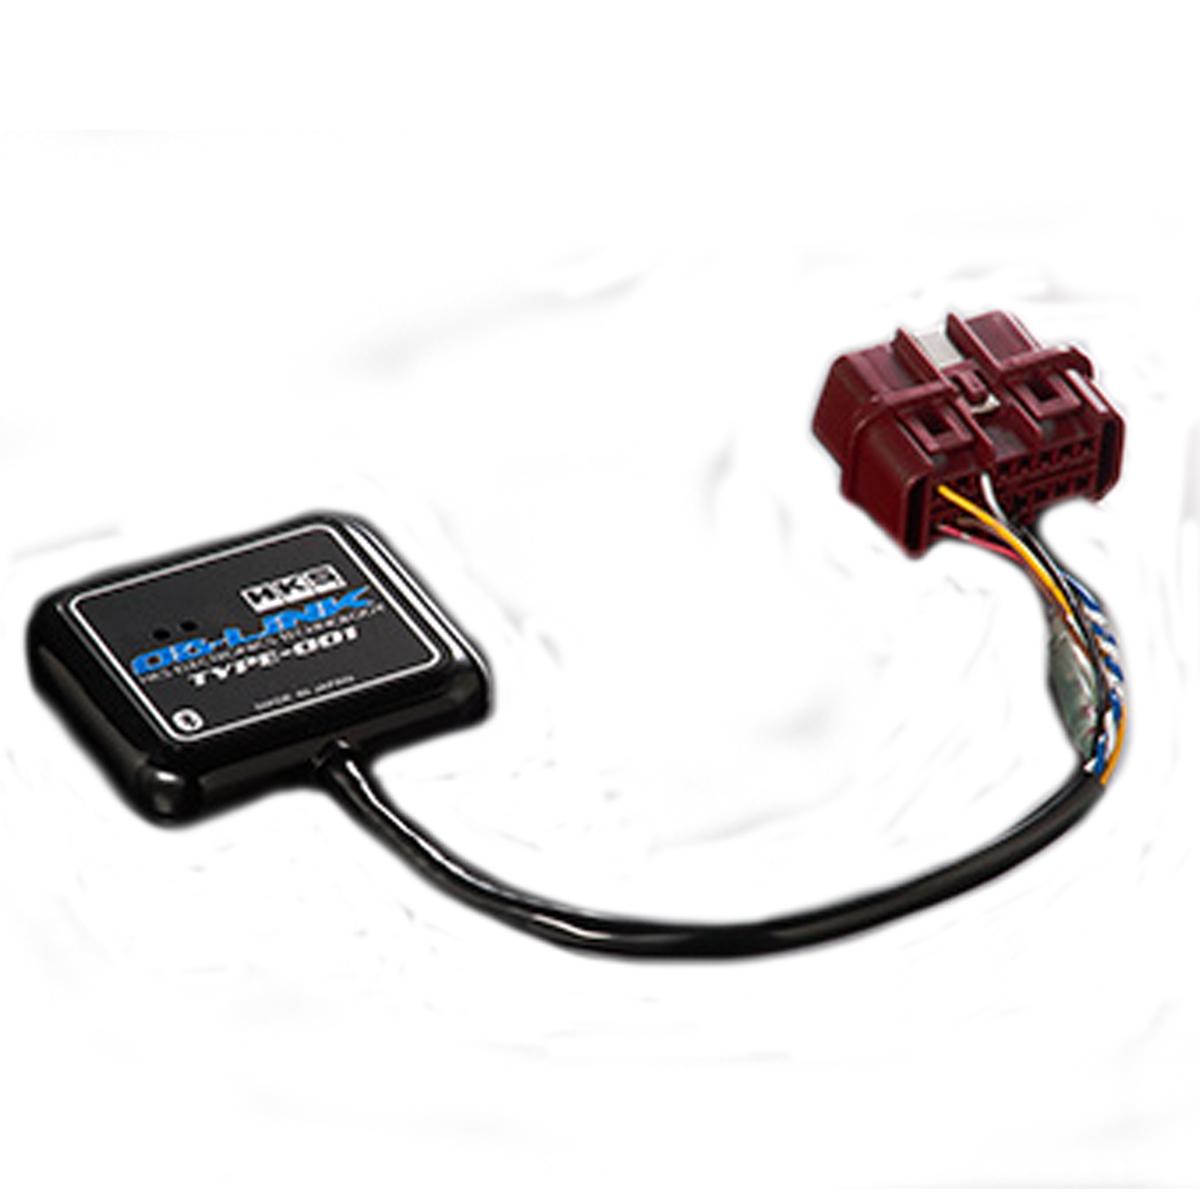 ステップワゴン スパーダ モニター OBリンク タイプ 001 RF7 HKS 44009-AK002 エレクトリニクス